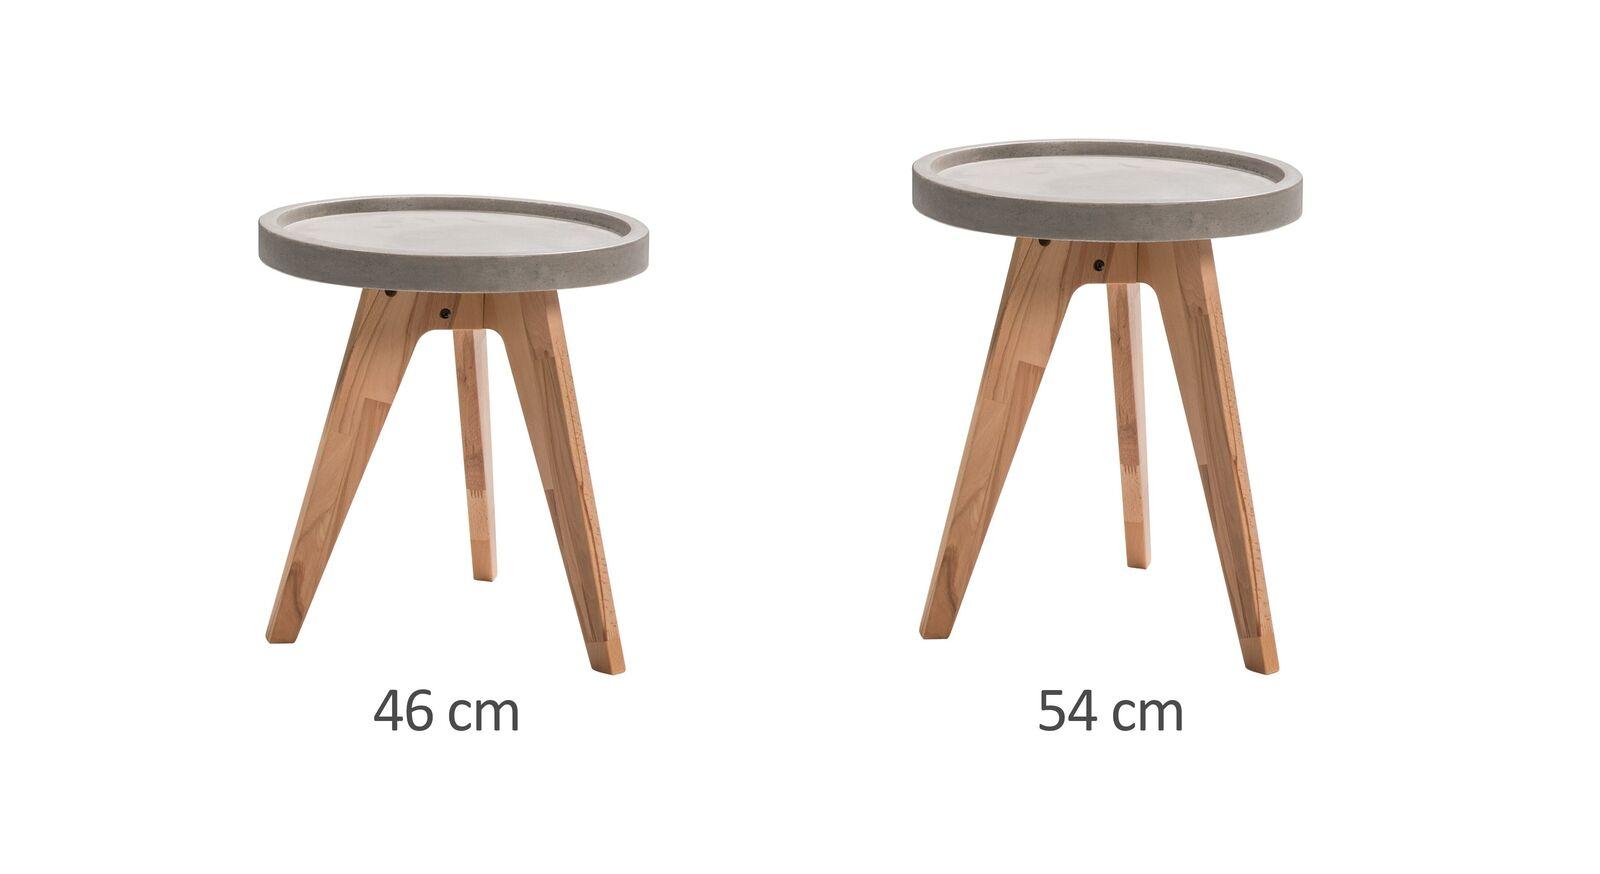 Nachttisch Magura in zwei Höhen